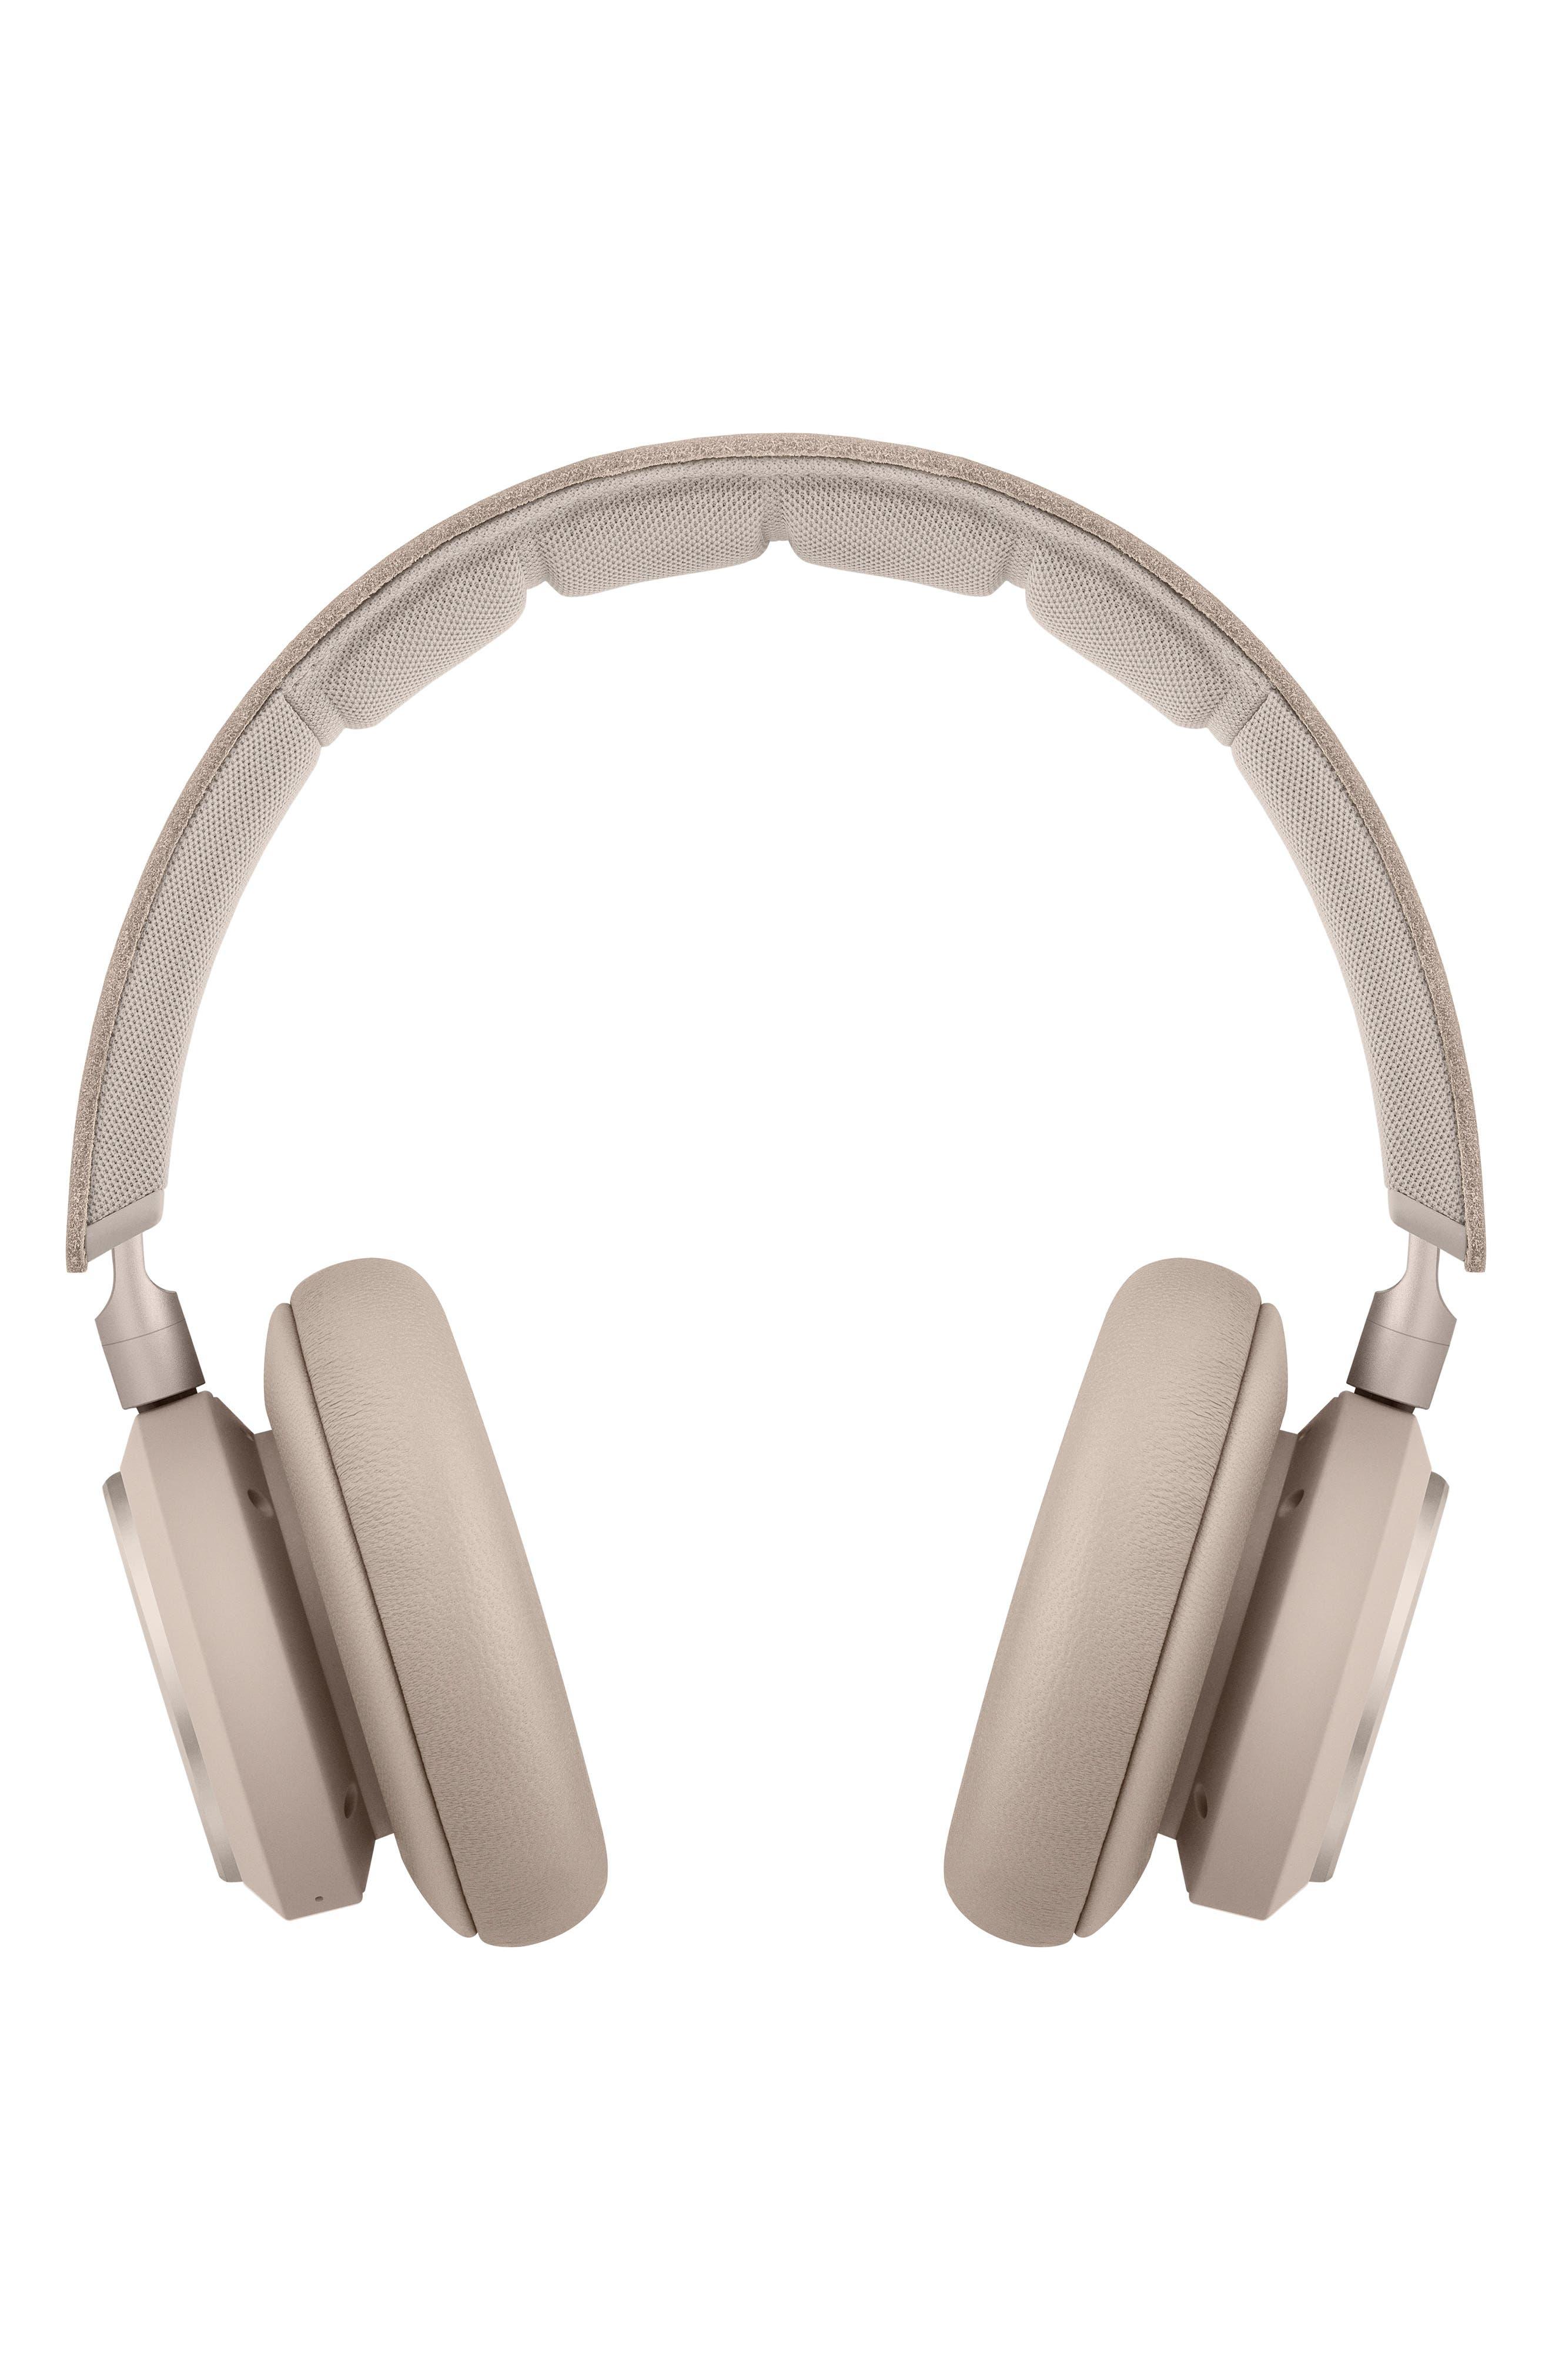 H9I Wireless Noise Canceling On-Ear Headphones,                             Main thumbnail 1, color,                             LIMESTONE